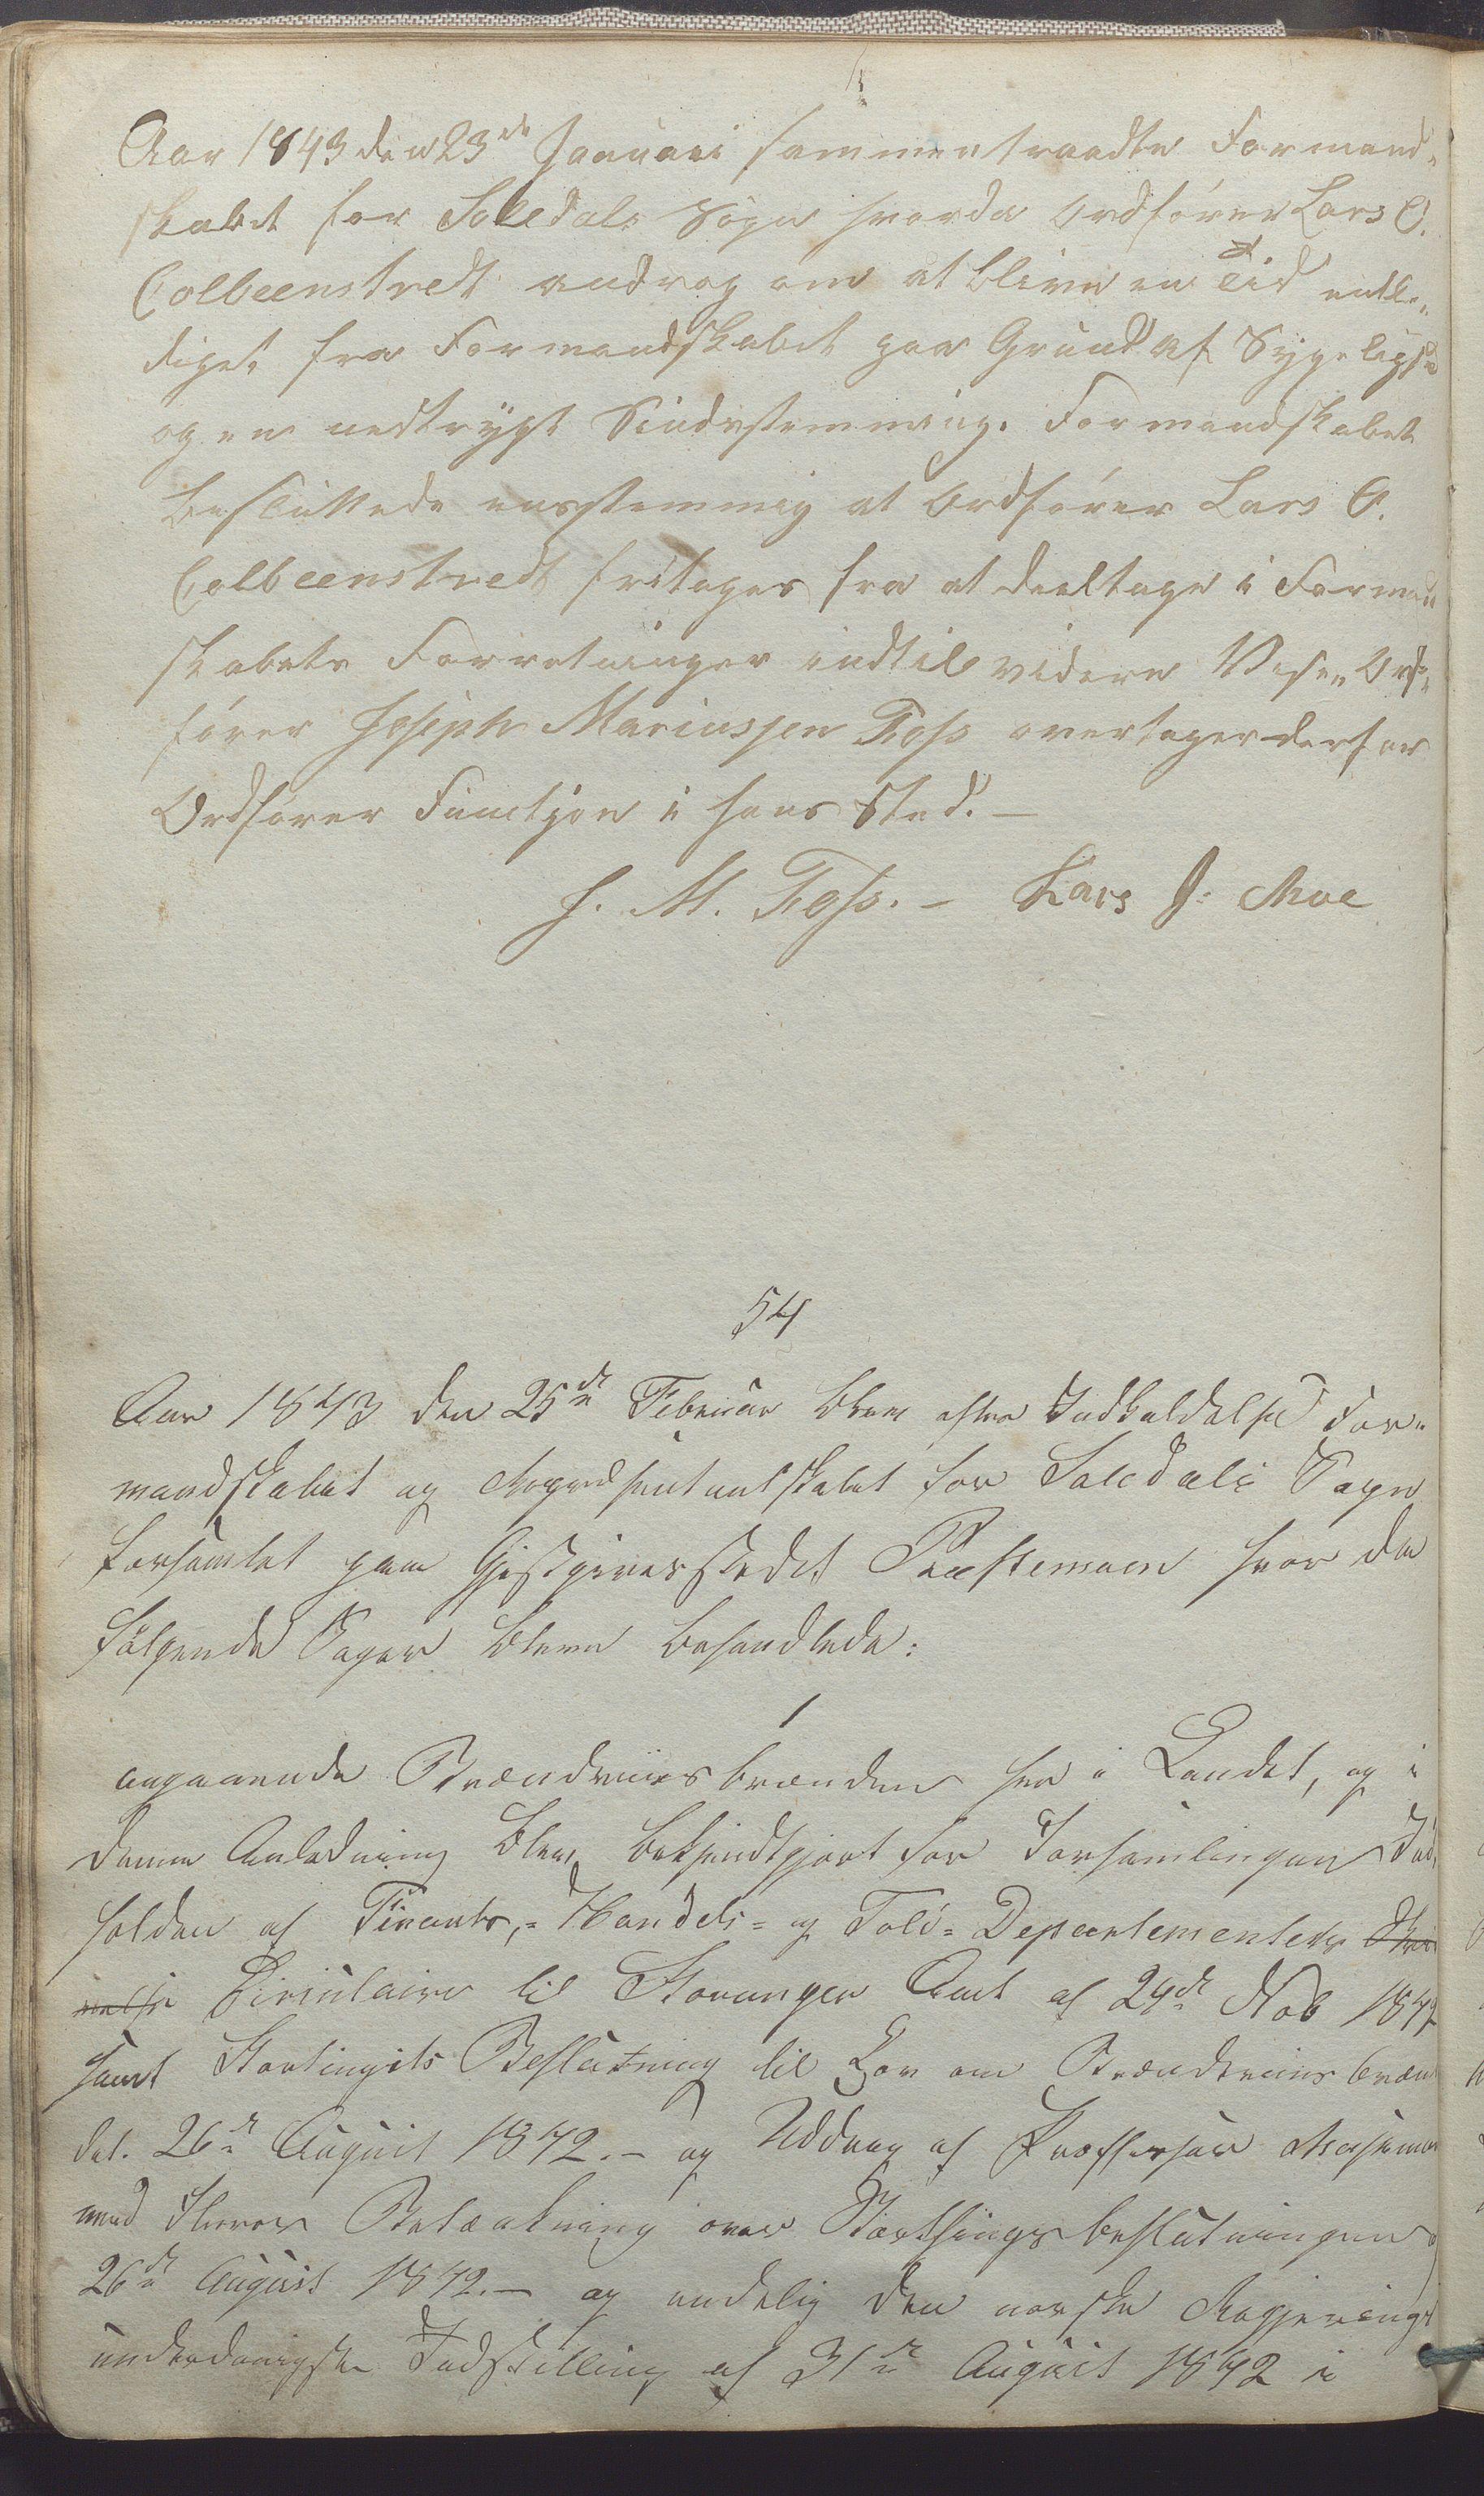 IKAR, Suldal kommune - Formannskapet/Rådmannen, A/Aa/L0001: Møtebok, 1837-1876, s. 50b